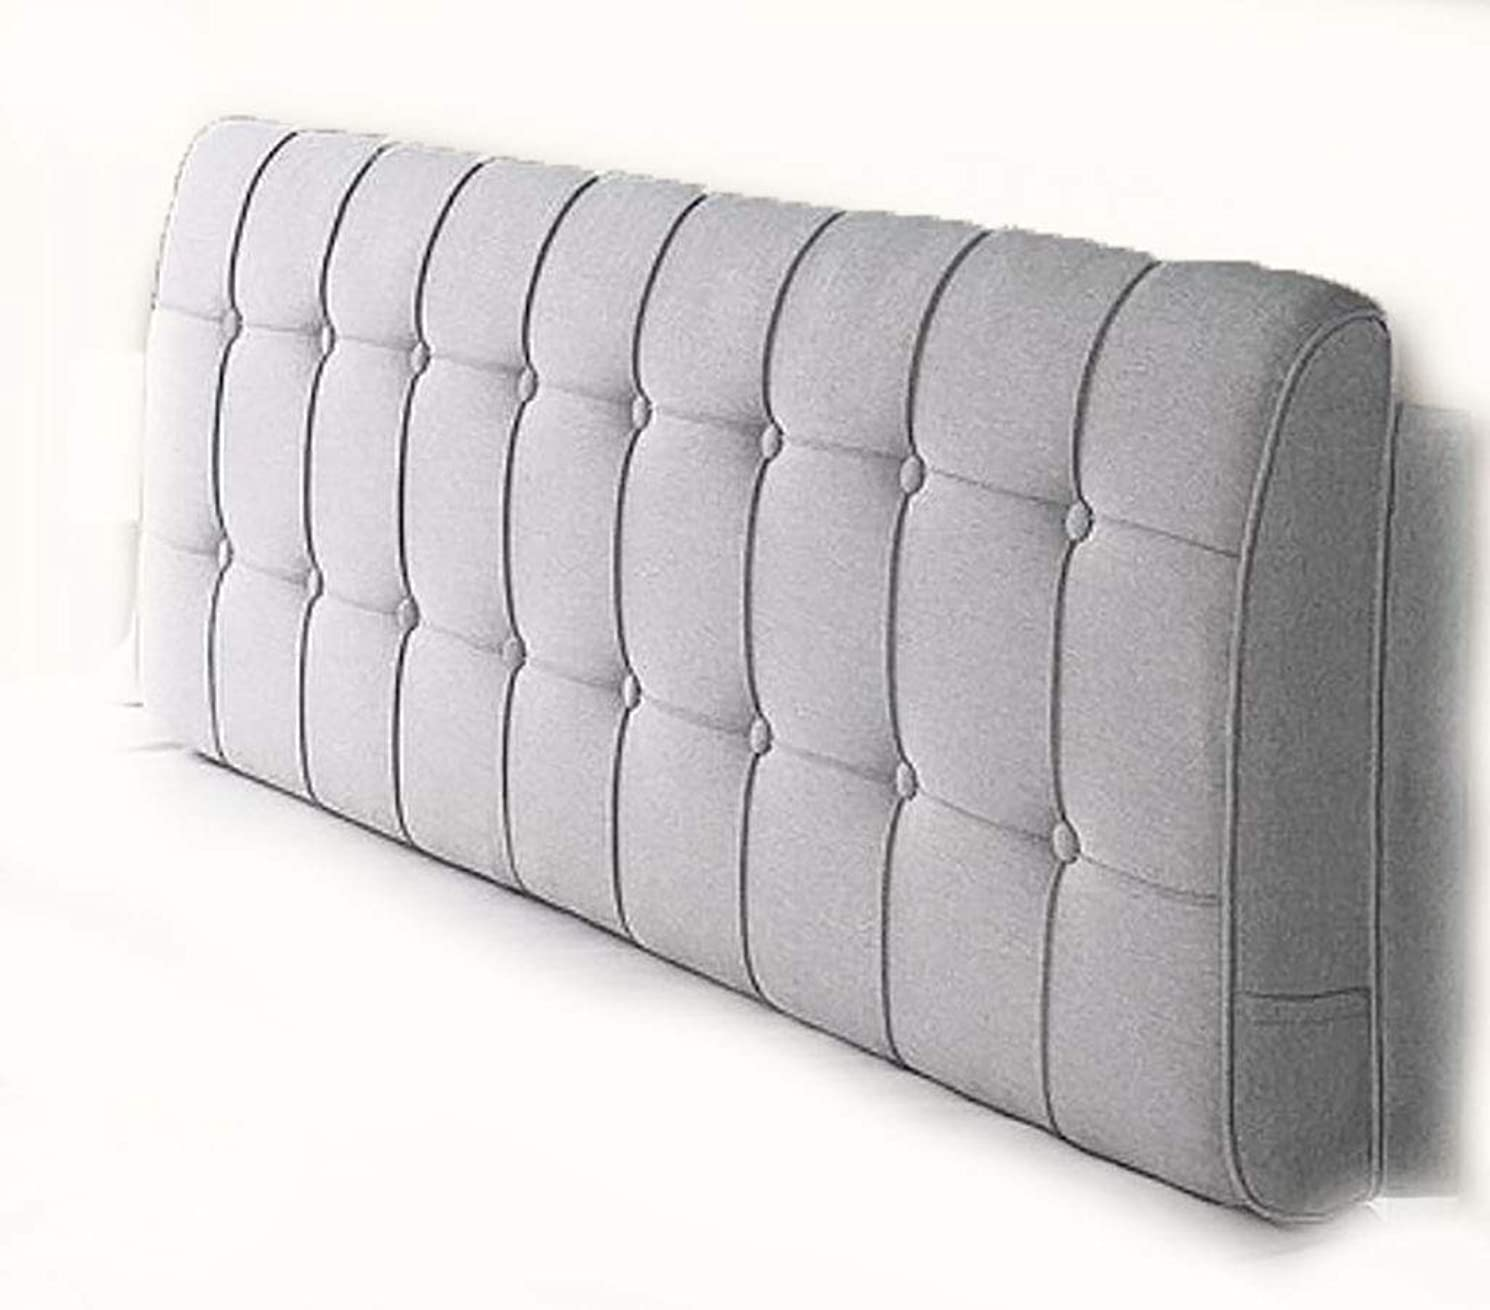 ランチョン使役あらゆる種類のベッドサイドクッション柔らかい布の布の綿ベッドの頭のクッション背もたれの枕のベッドカバー取り外し可能で洗える (色 : B, サイズ さいず : 200*58cm)